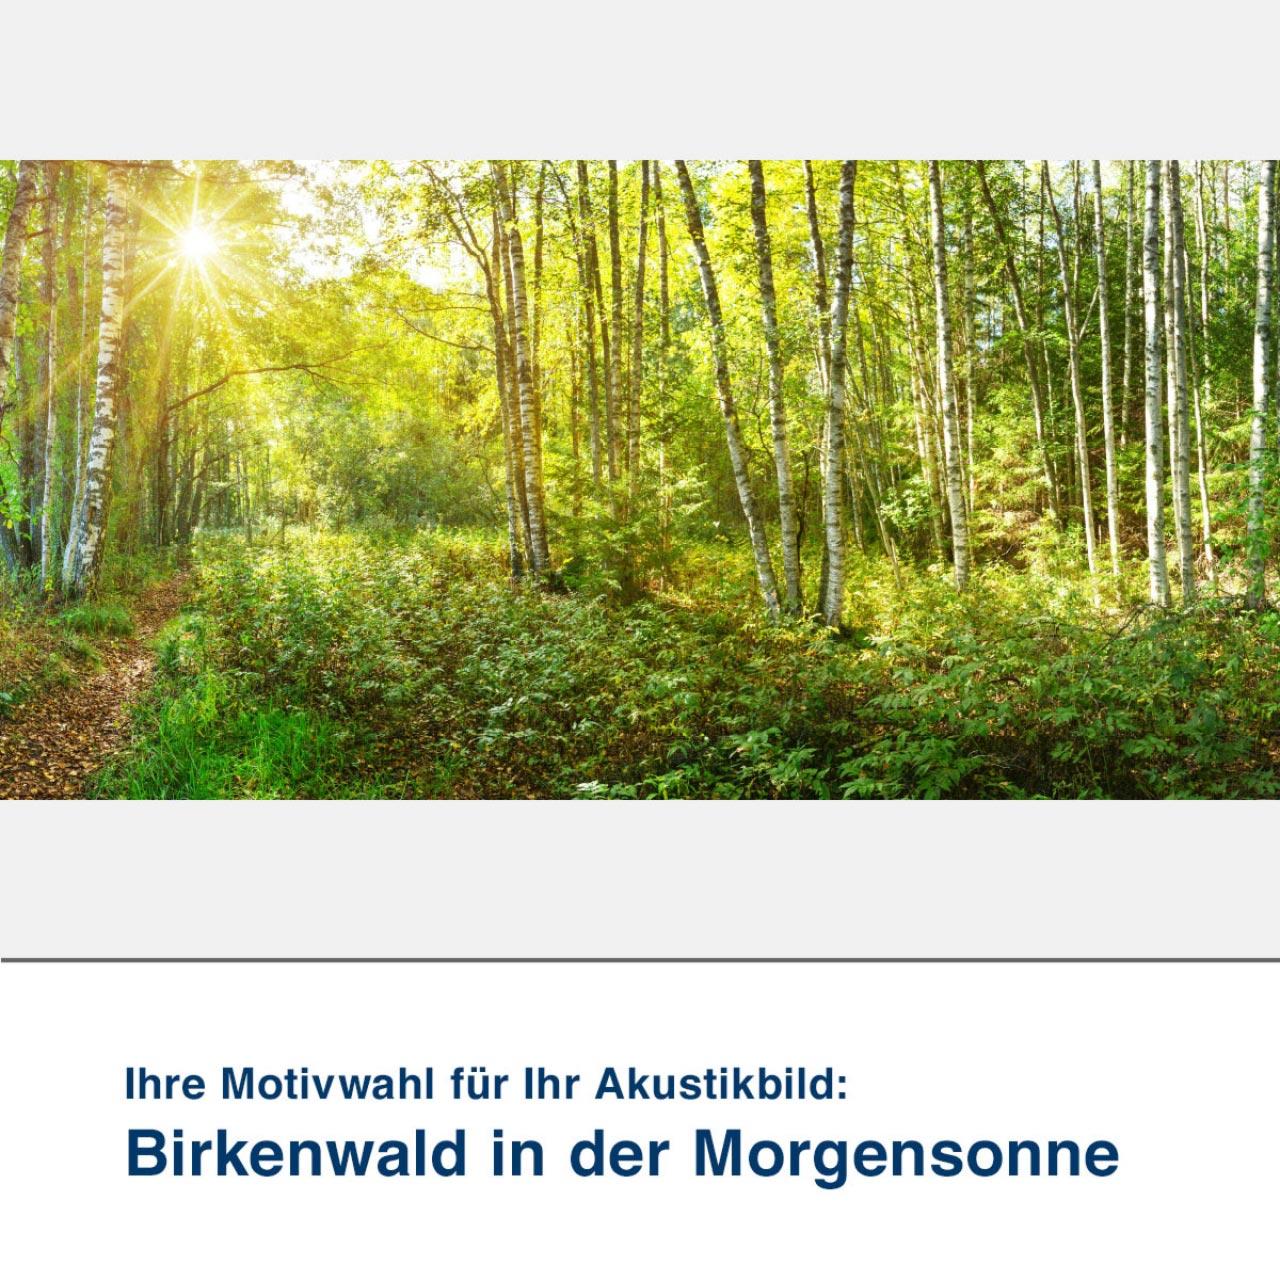 Akustikbild Motiv Birkenwald in der Morgensonne